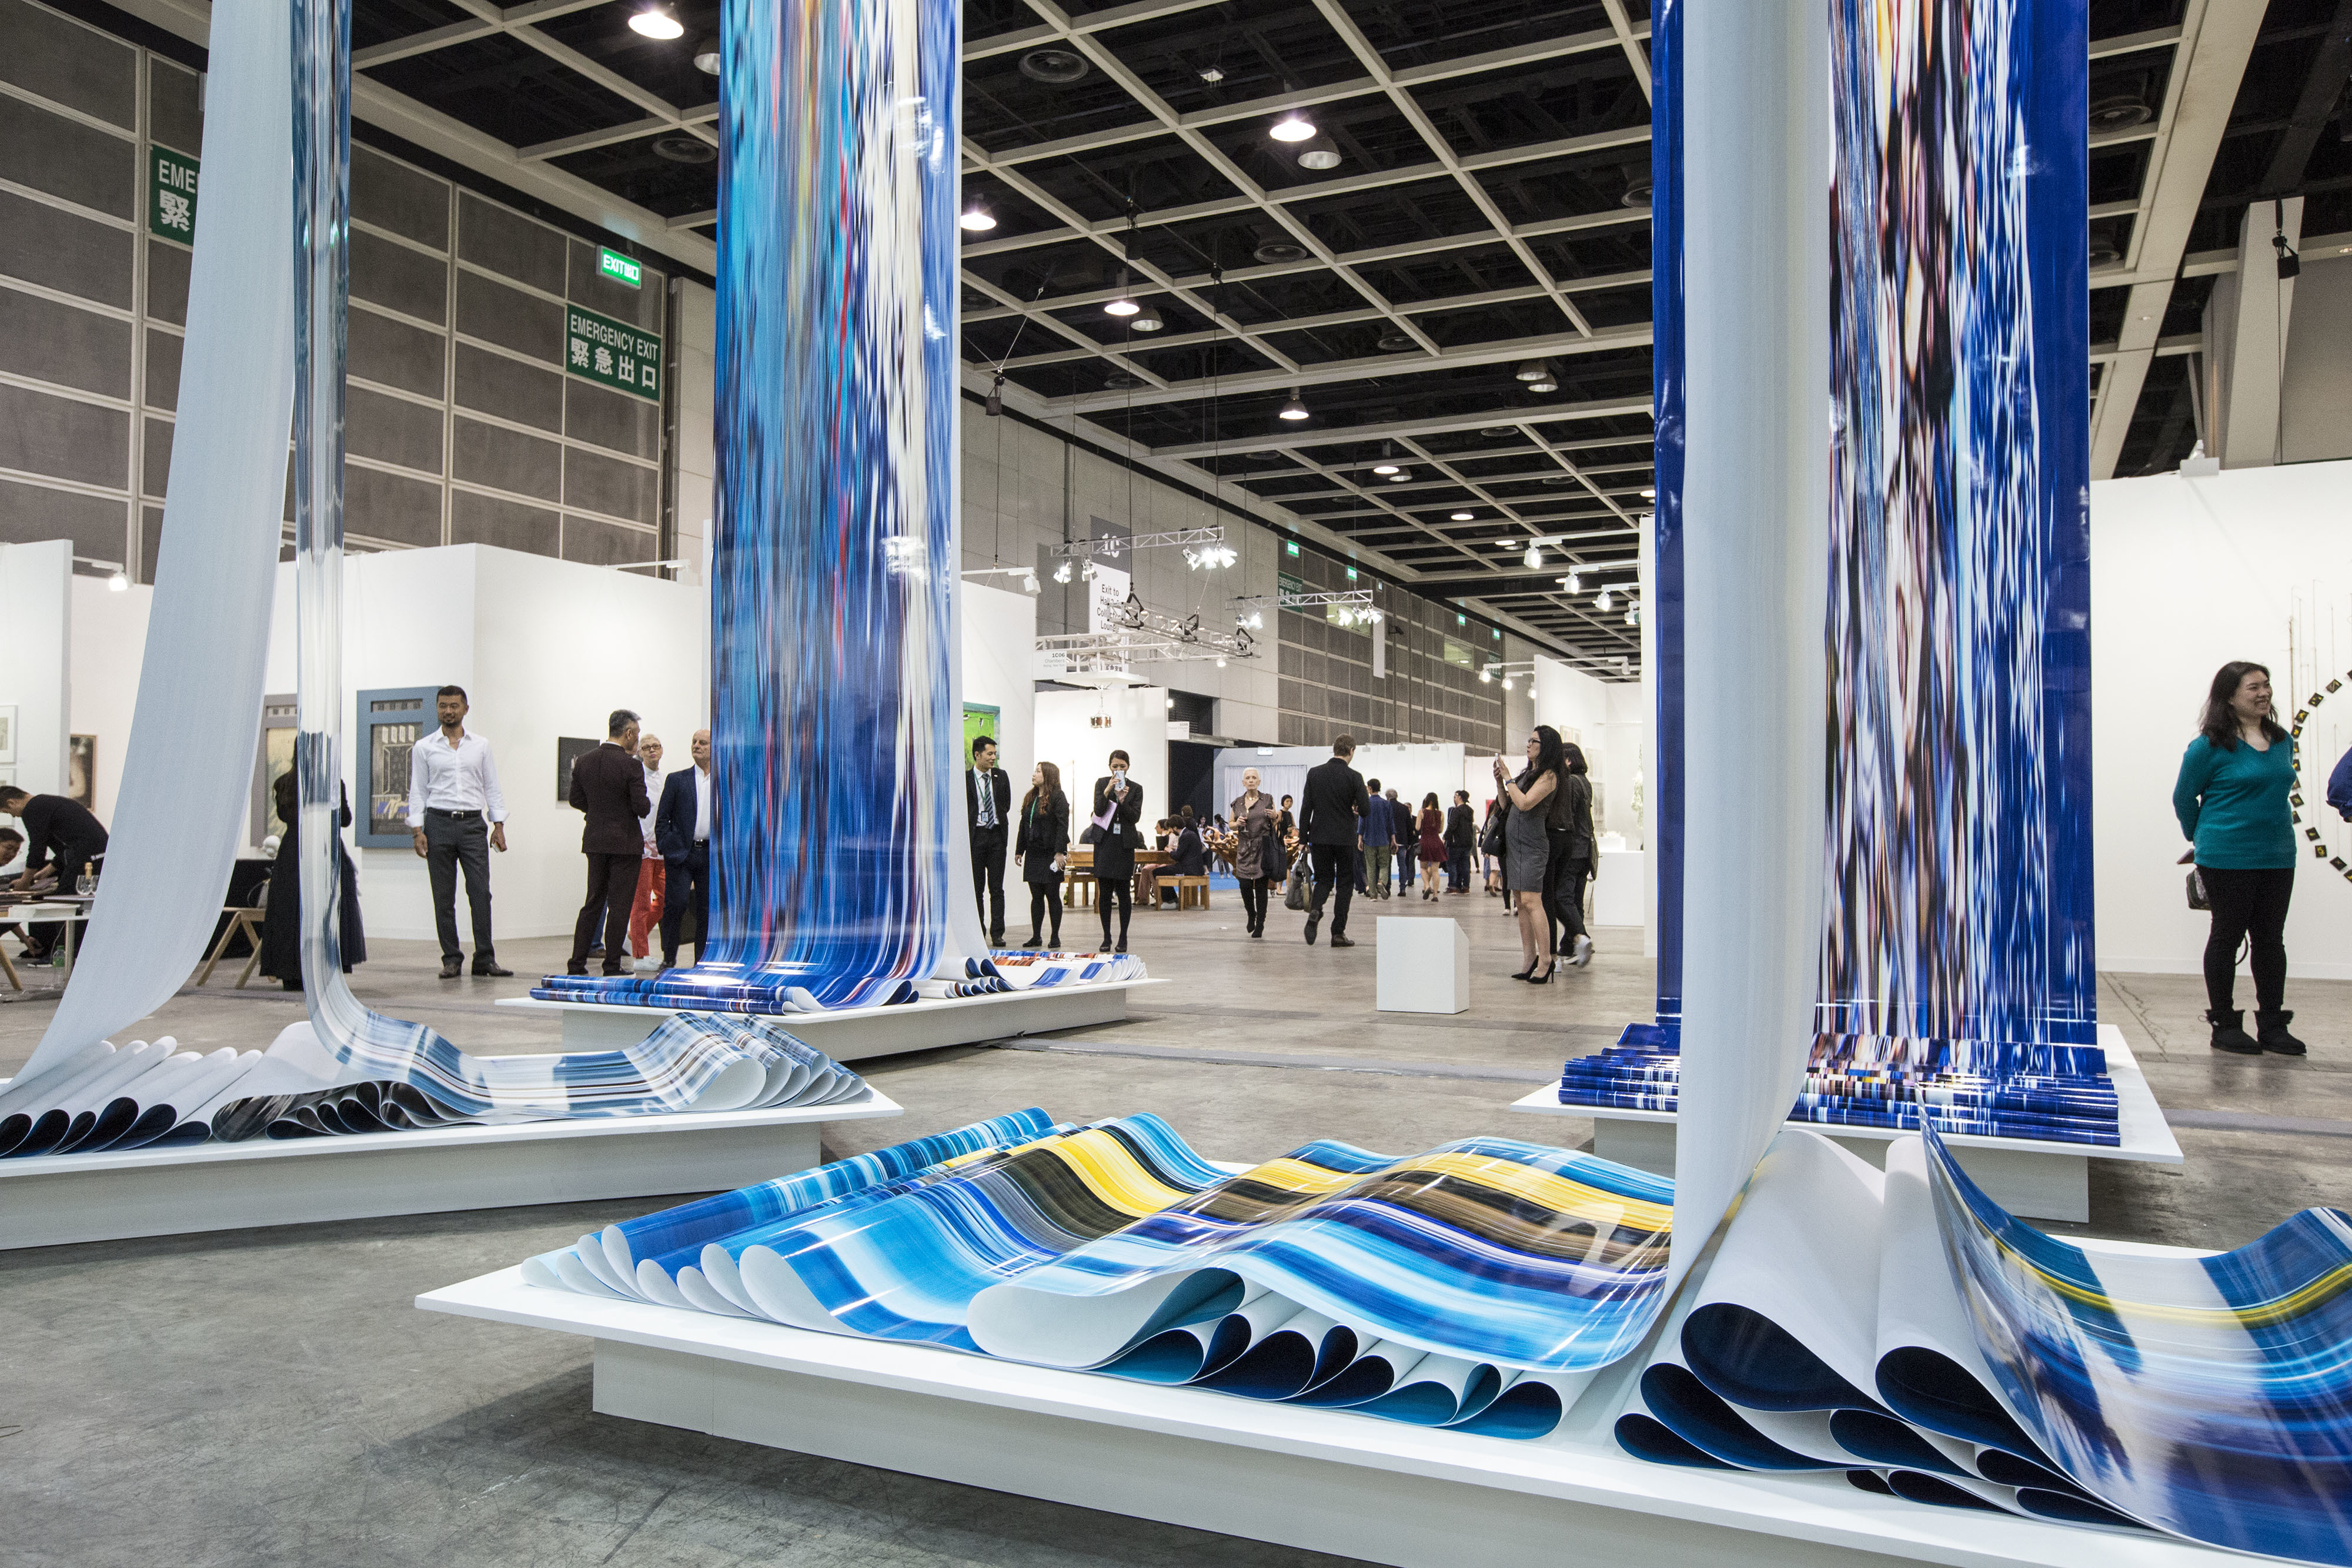 「第5回アート・バーゼル香港」(2017)の様子  (c)Art Basel